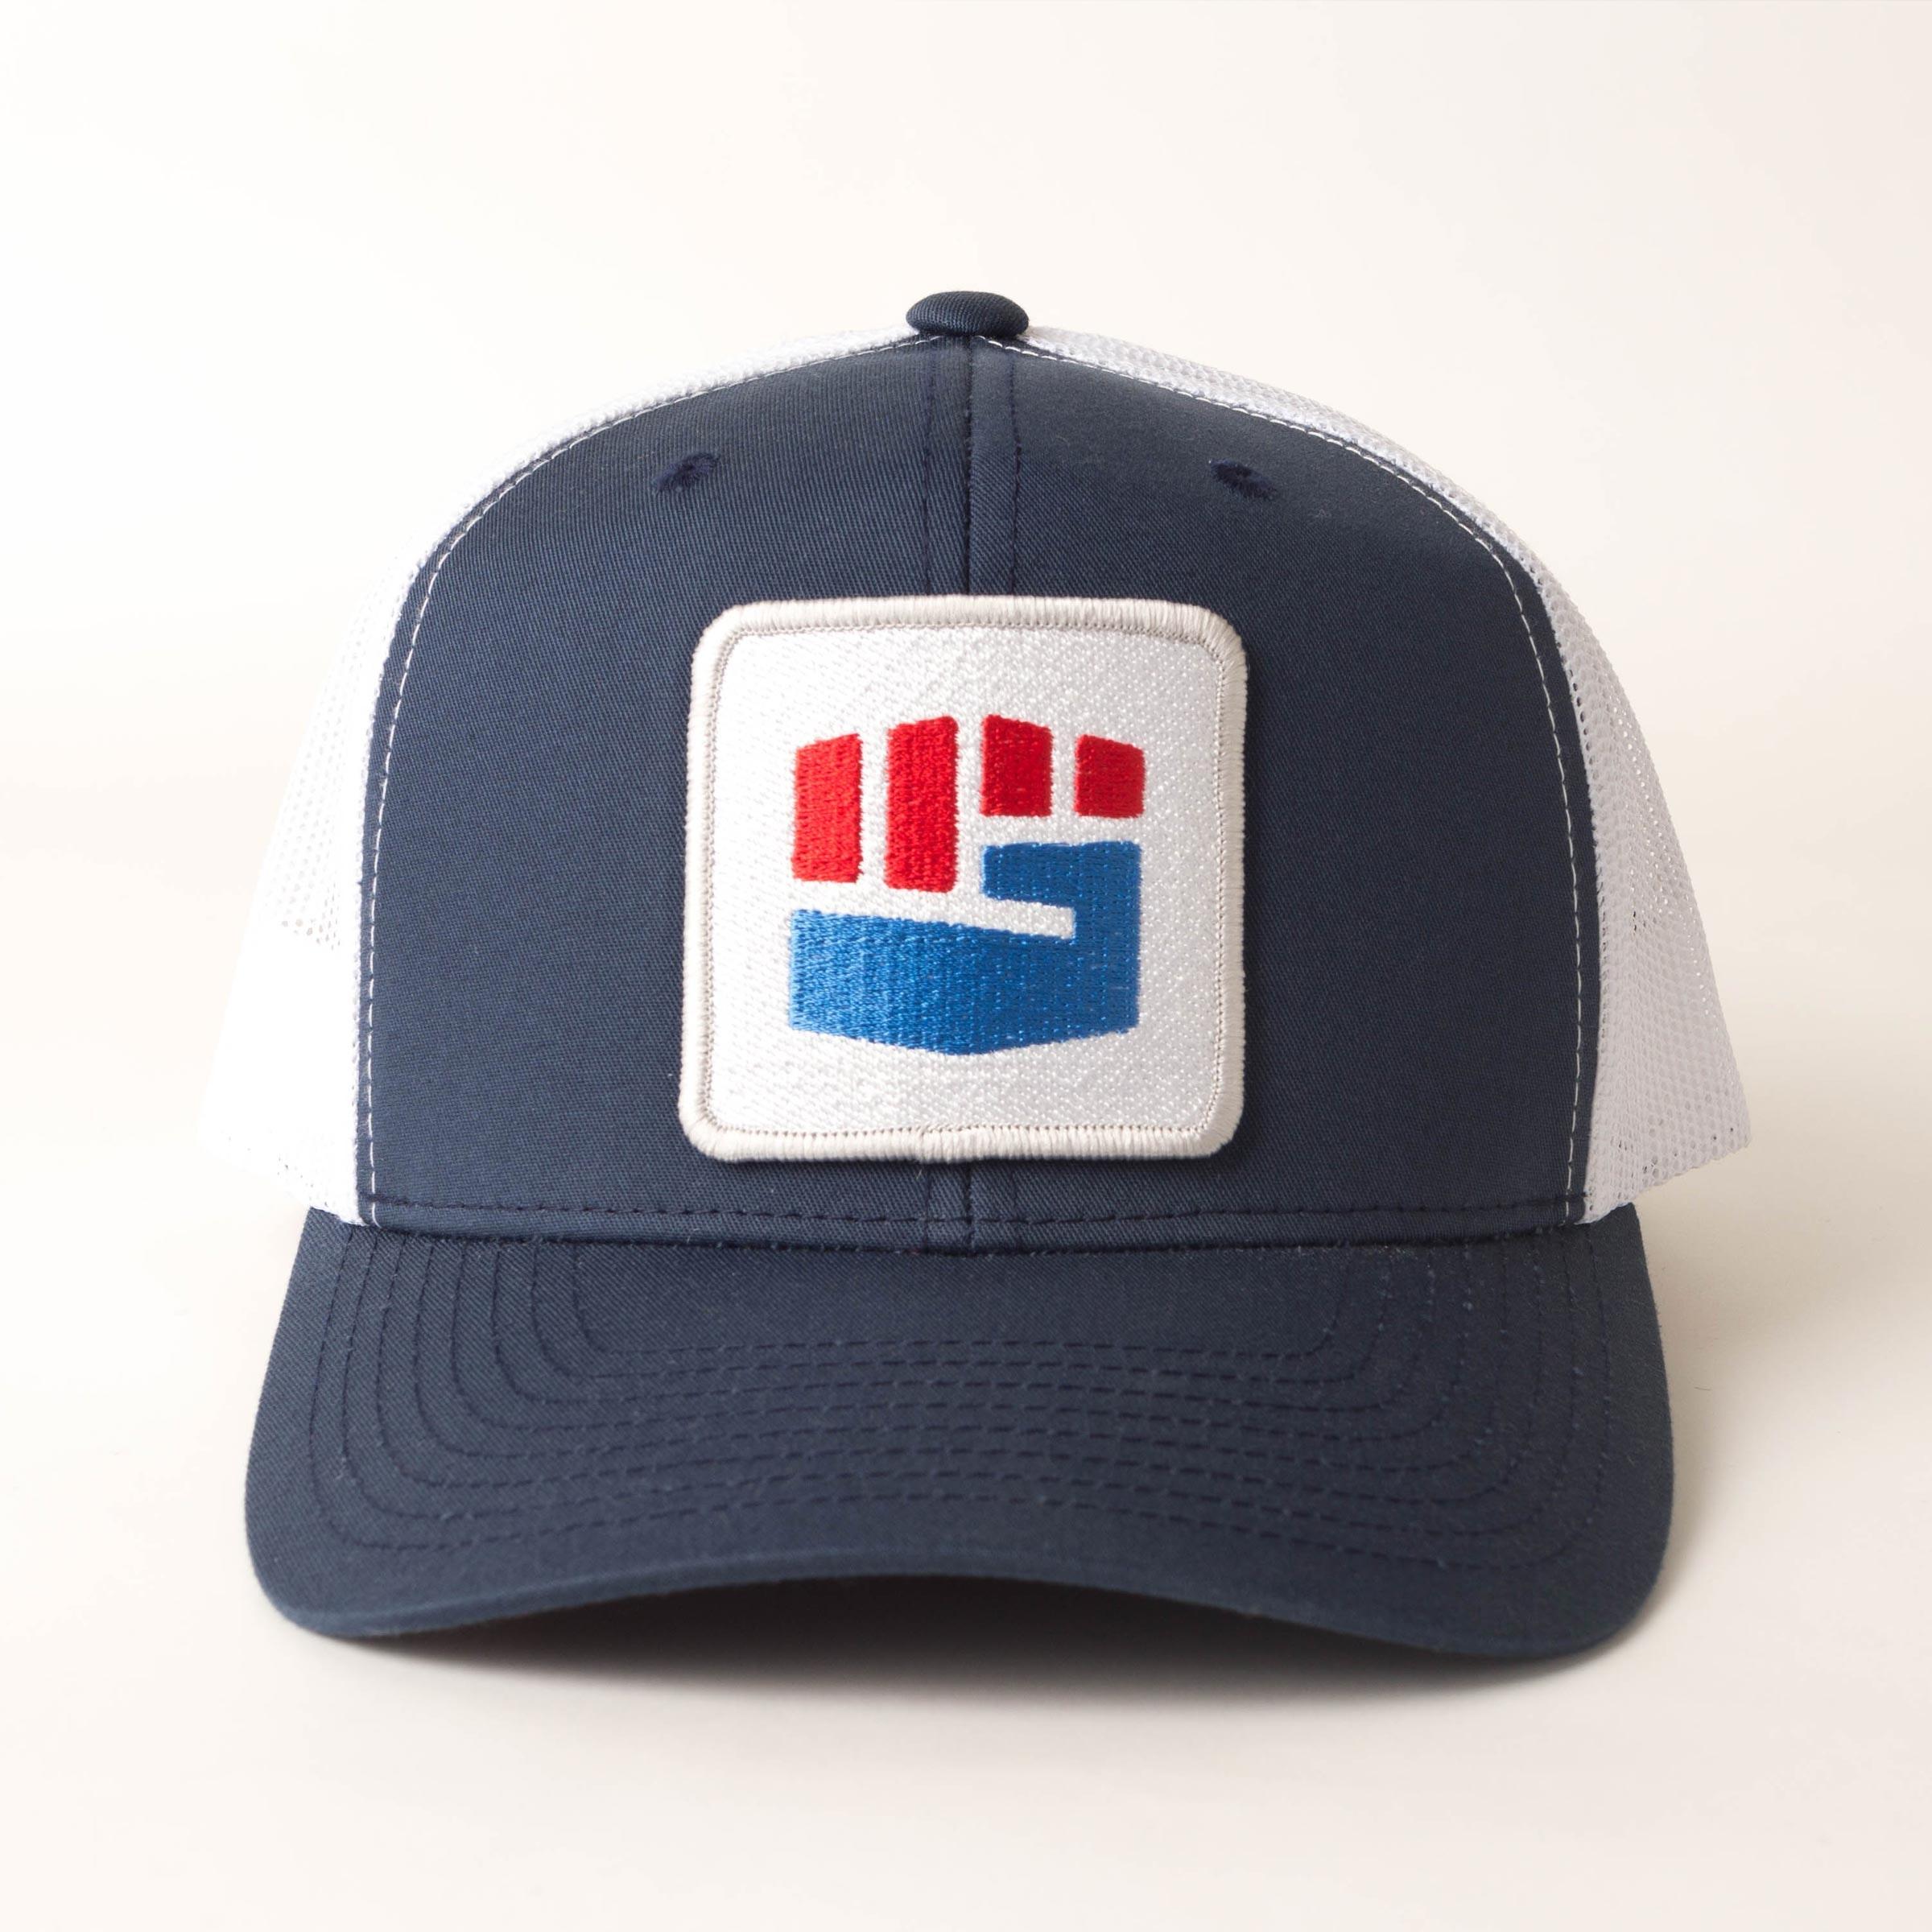 Sleeping Giants Trucker Patch Hat